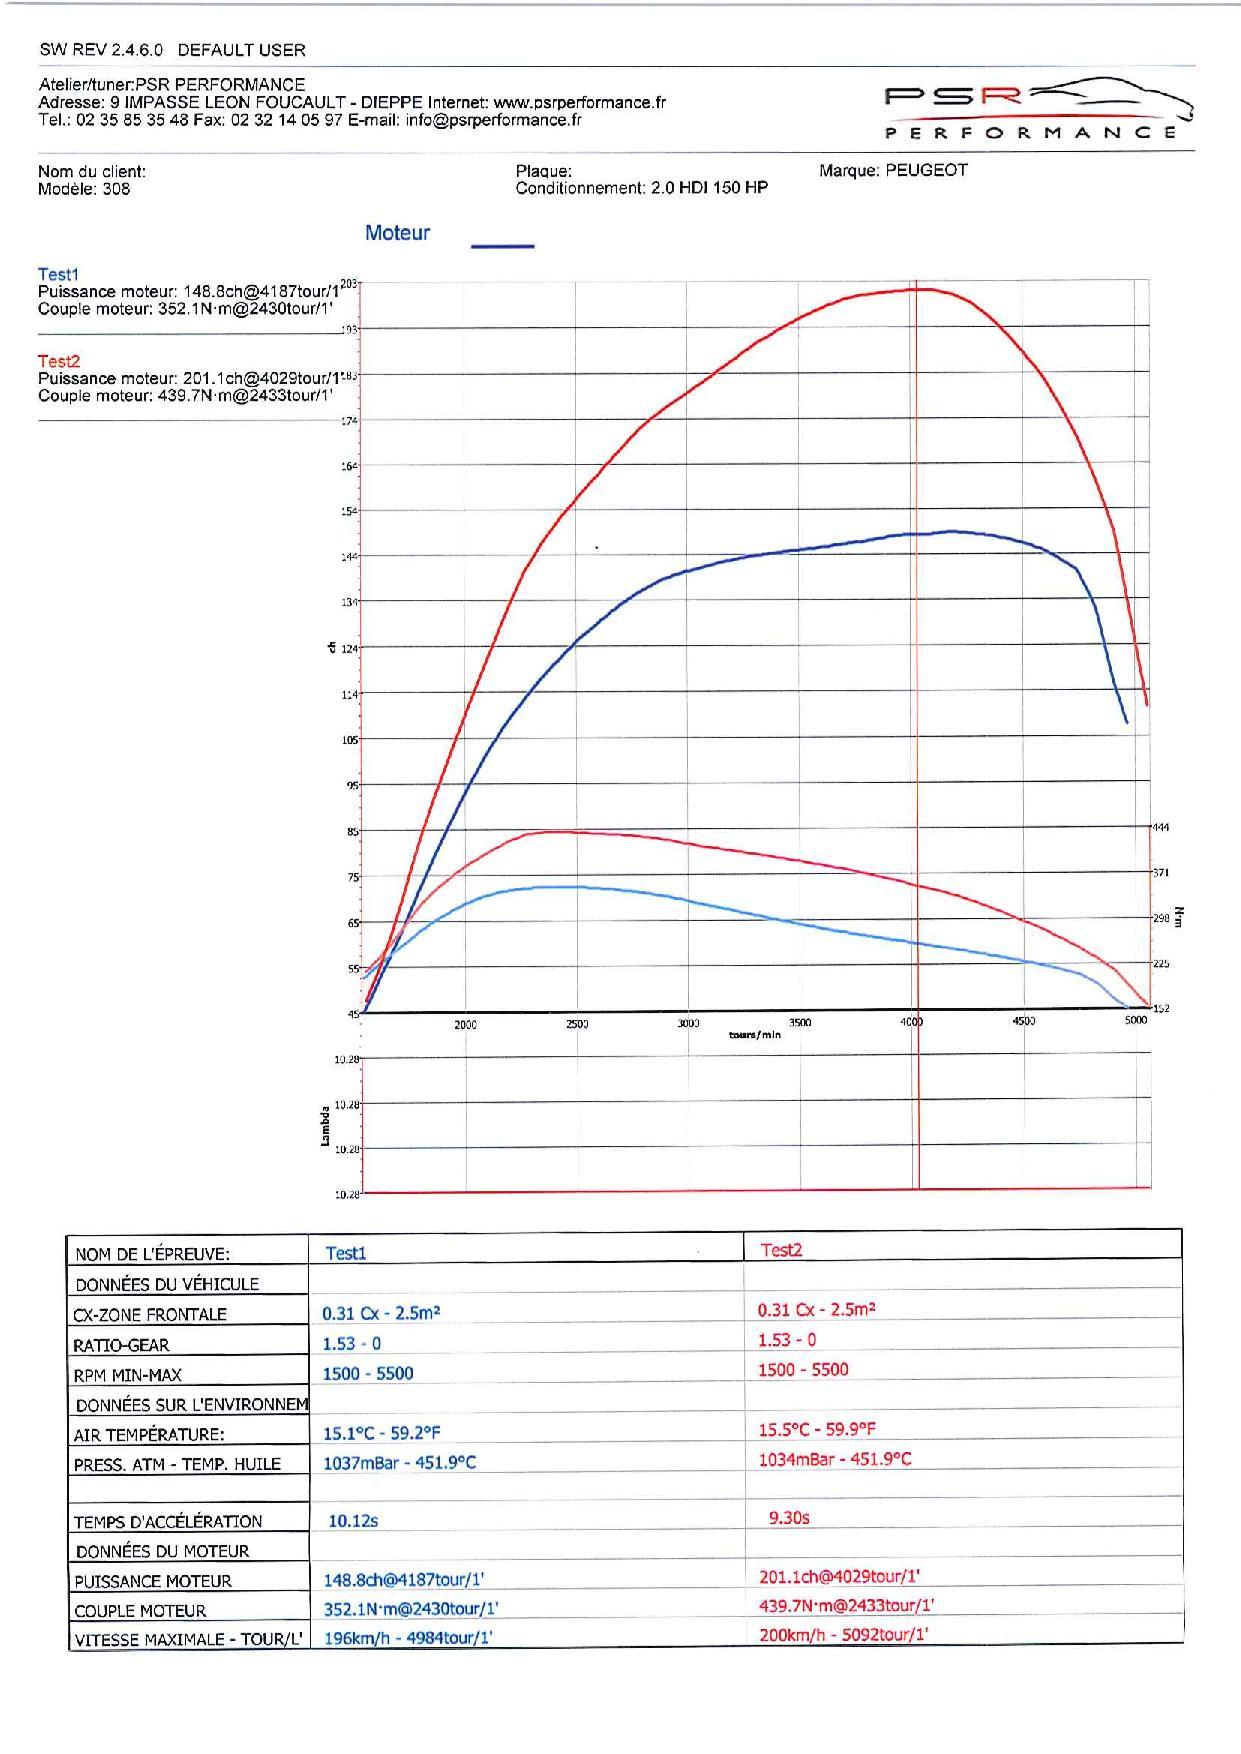 PEUGEOT 308 2.0 HDI 150 HP